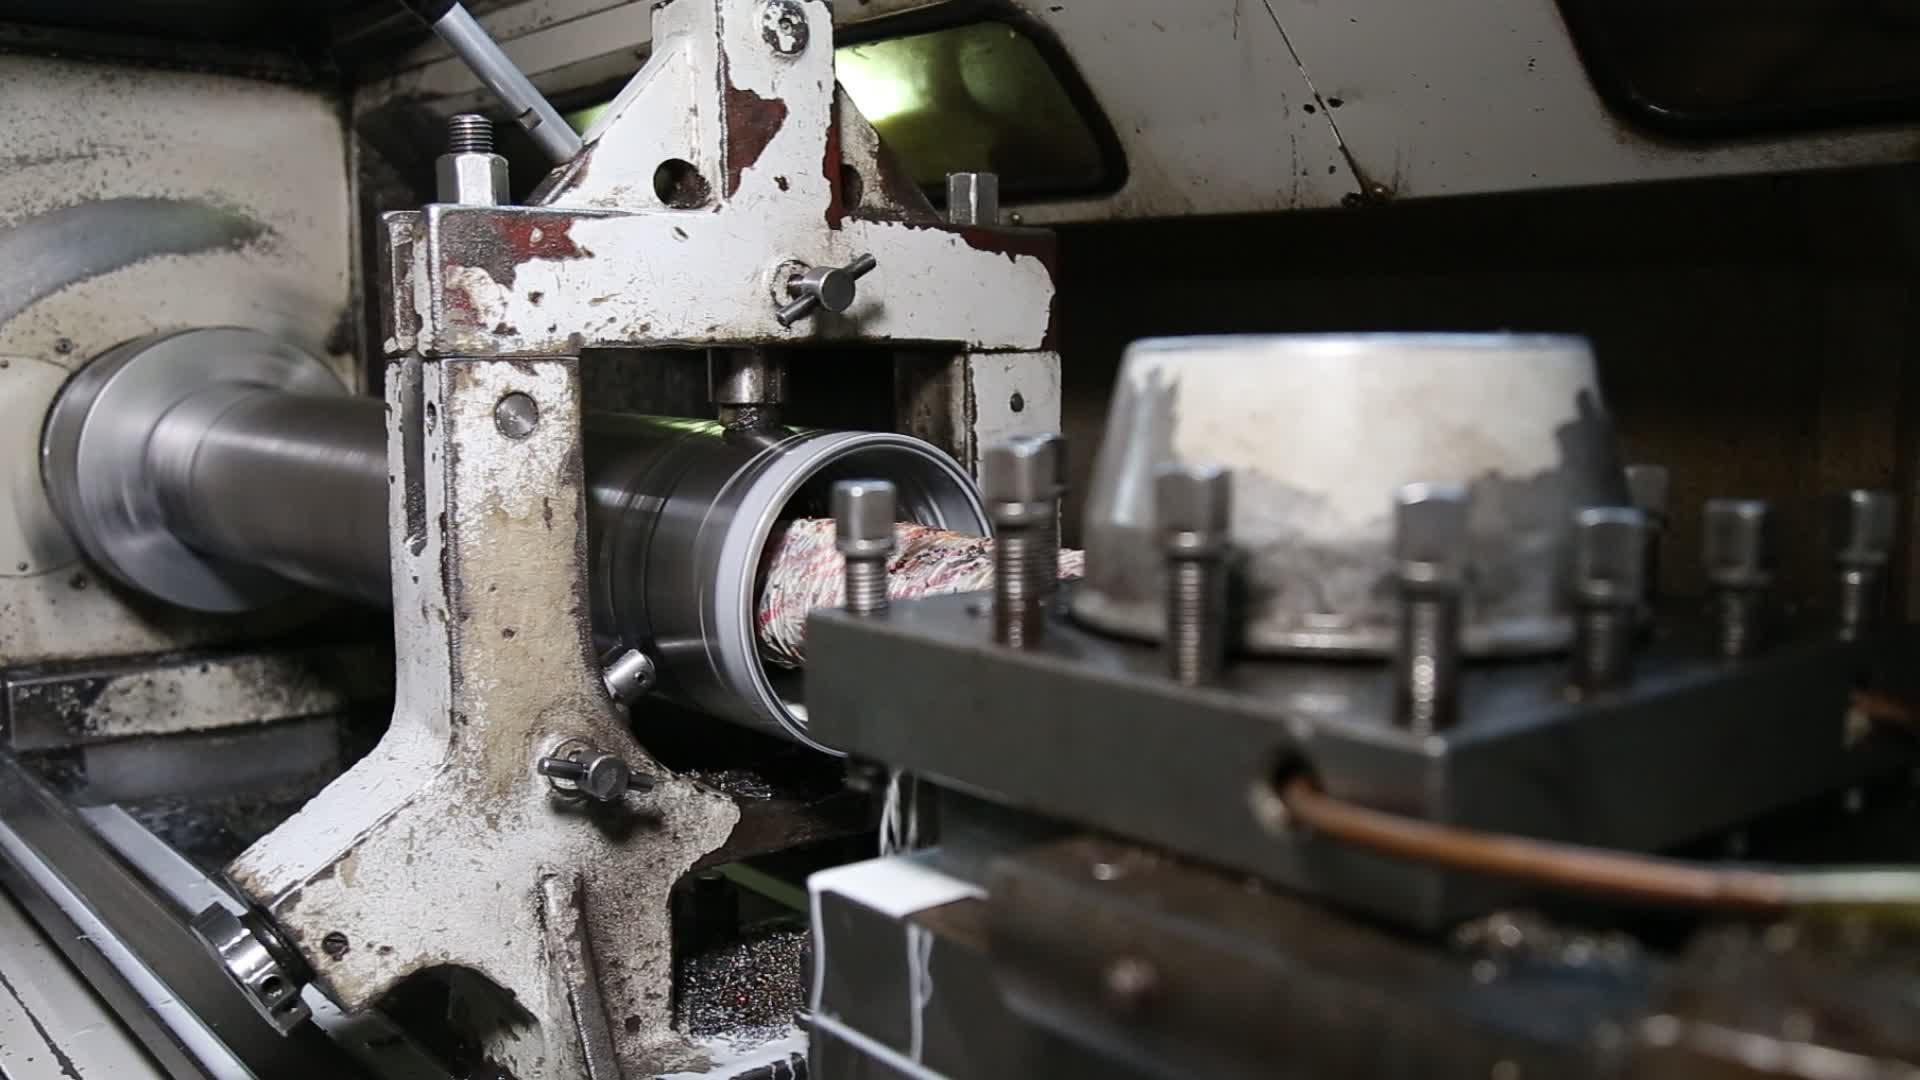 SPM S60 DHD360 165mm dth xuống các lỗ búa khoan để khoan nước tốt/khoan giếng nước